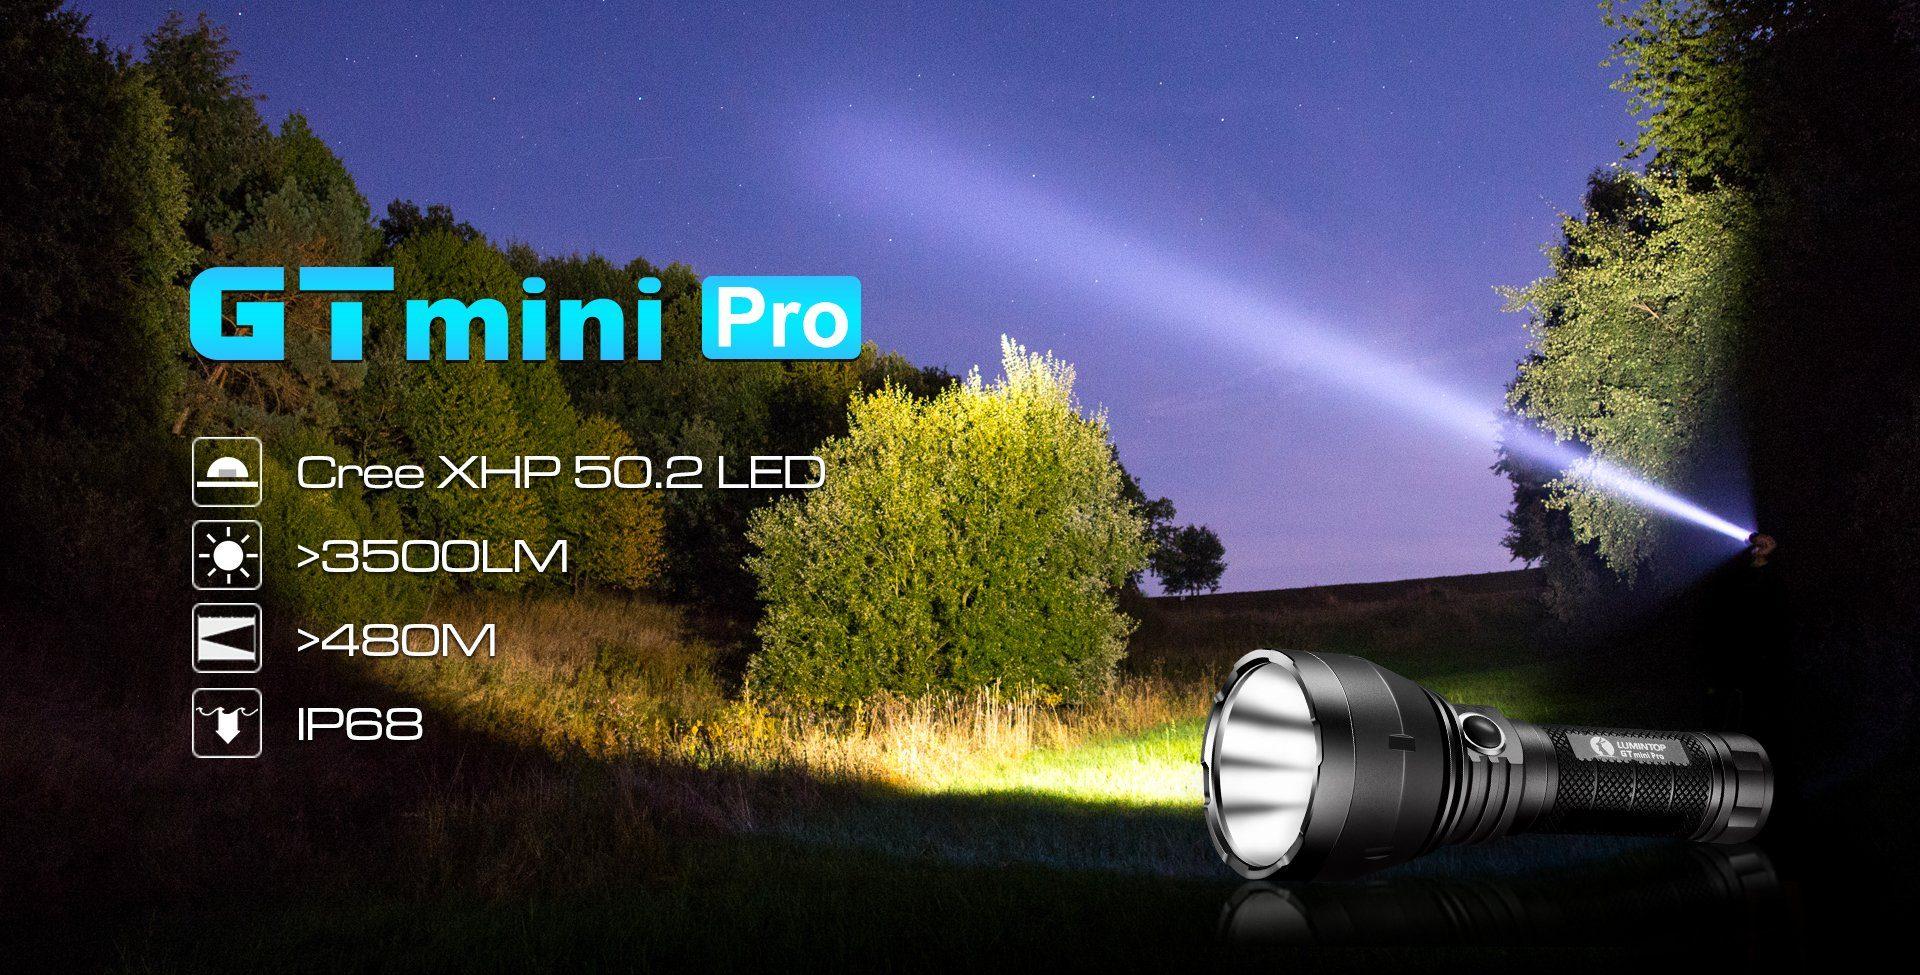 GTmini Pro